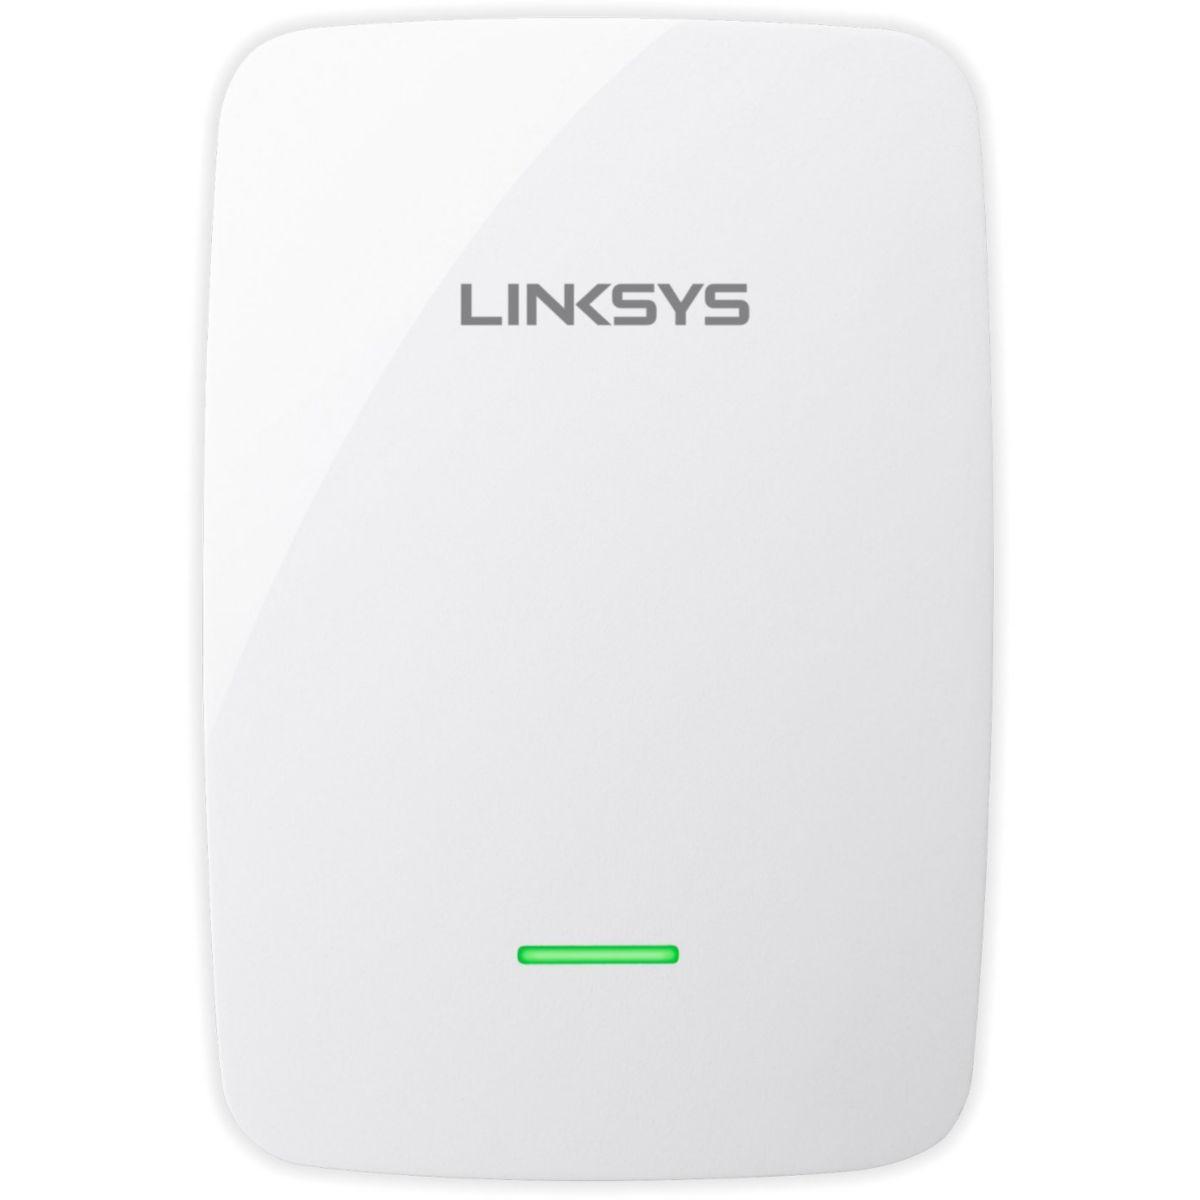 R?p?teur linksys wifi n600 re4100w - 2% de remise imm?diate av...